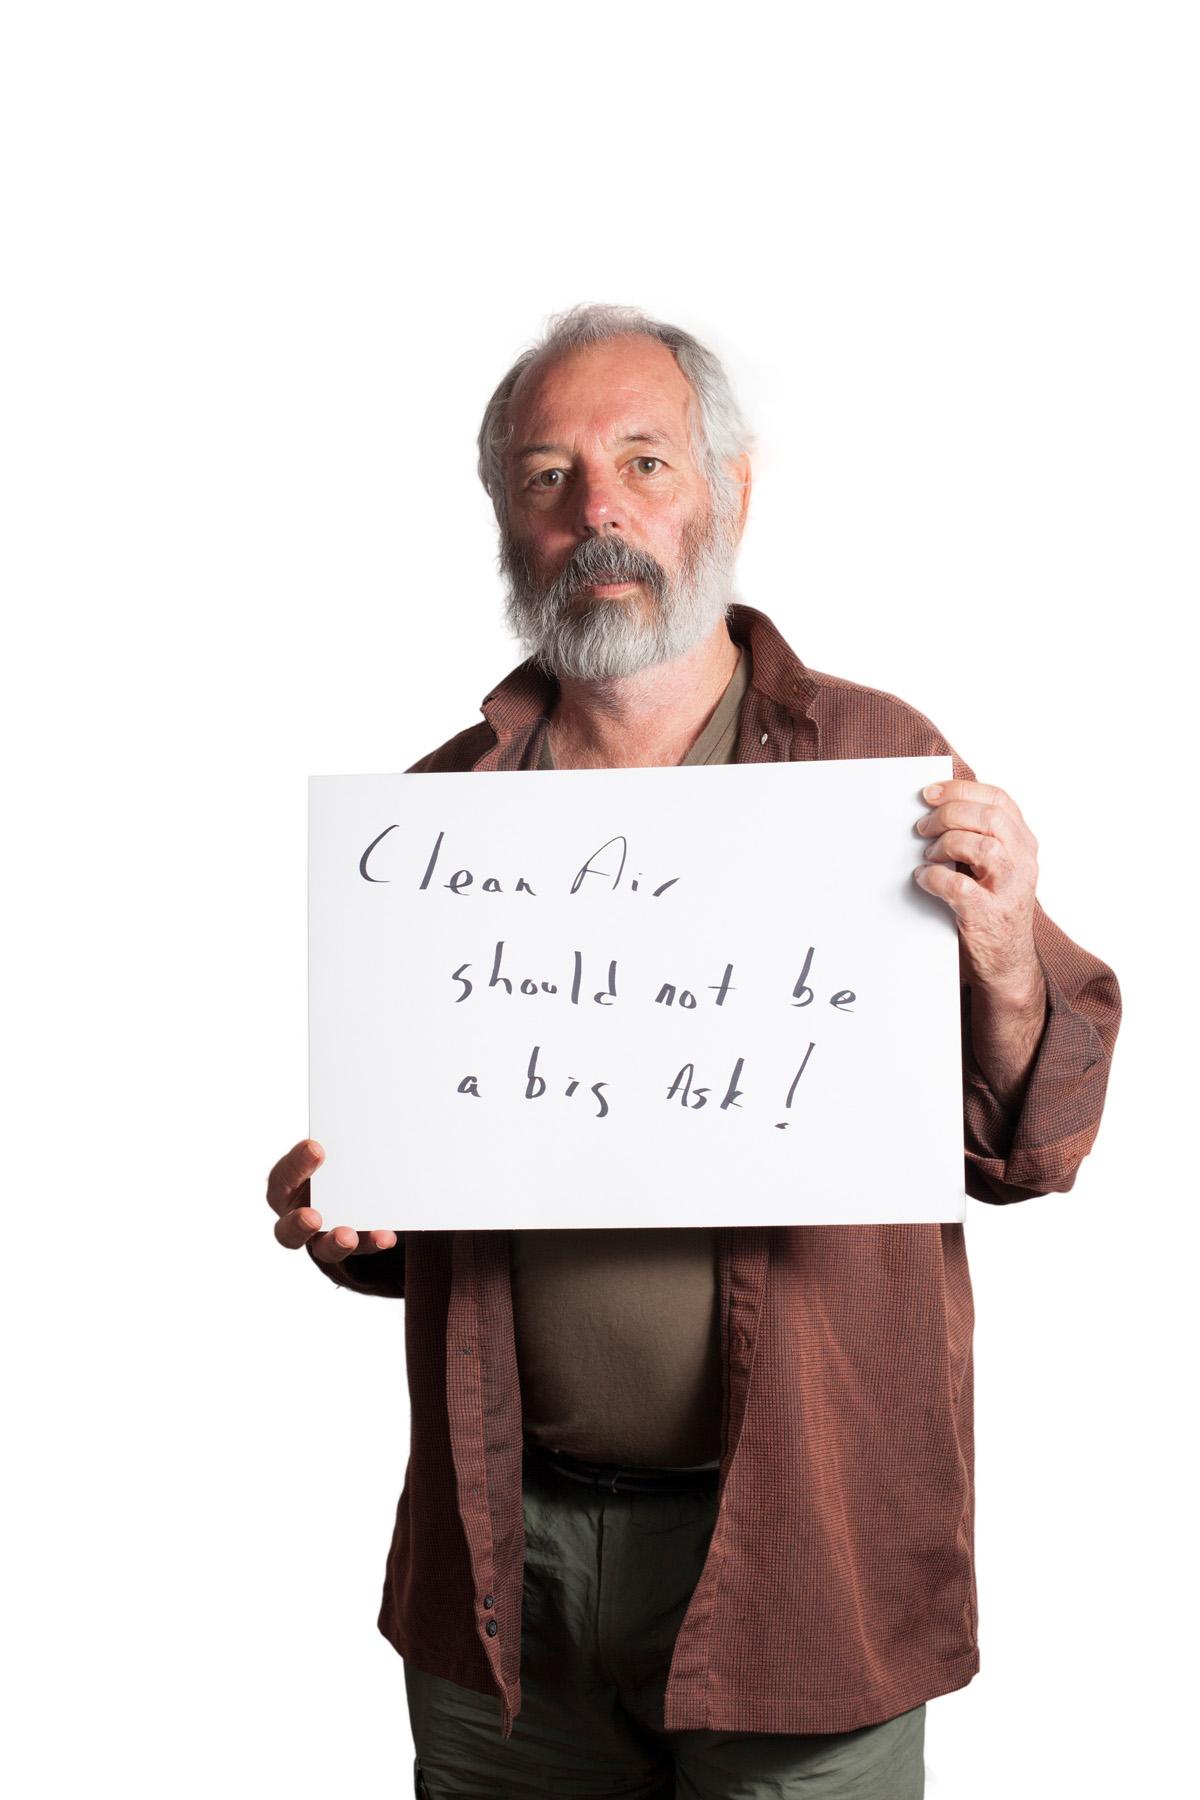 clean_air_should_not_be_a_big_ask.jpg